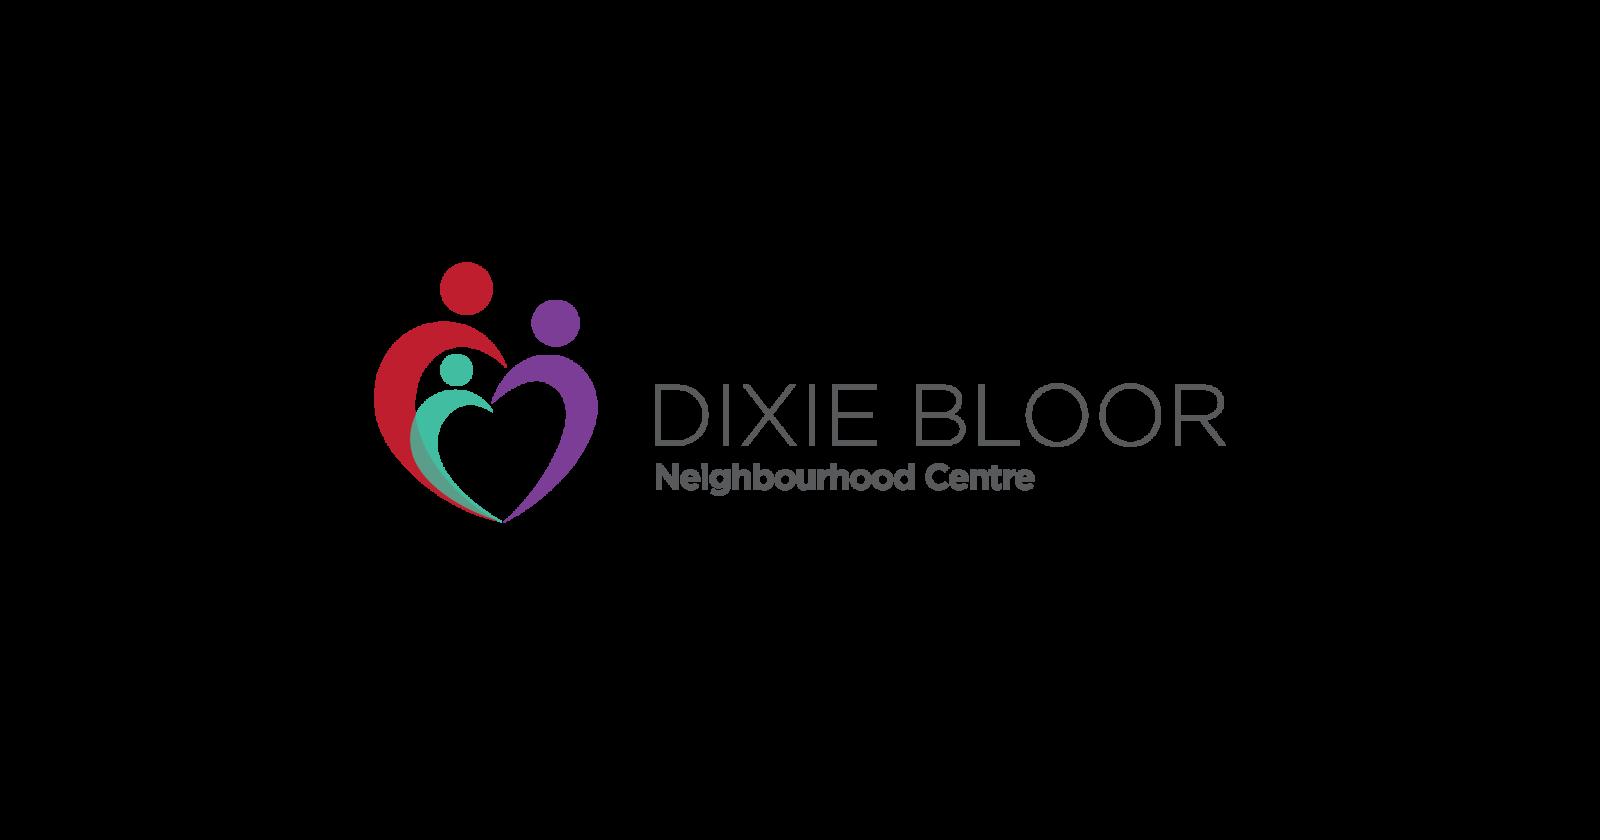 Dixie Bloor Neighbourhood Centre